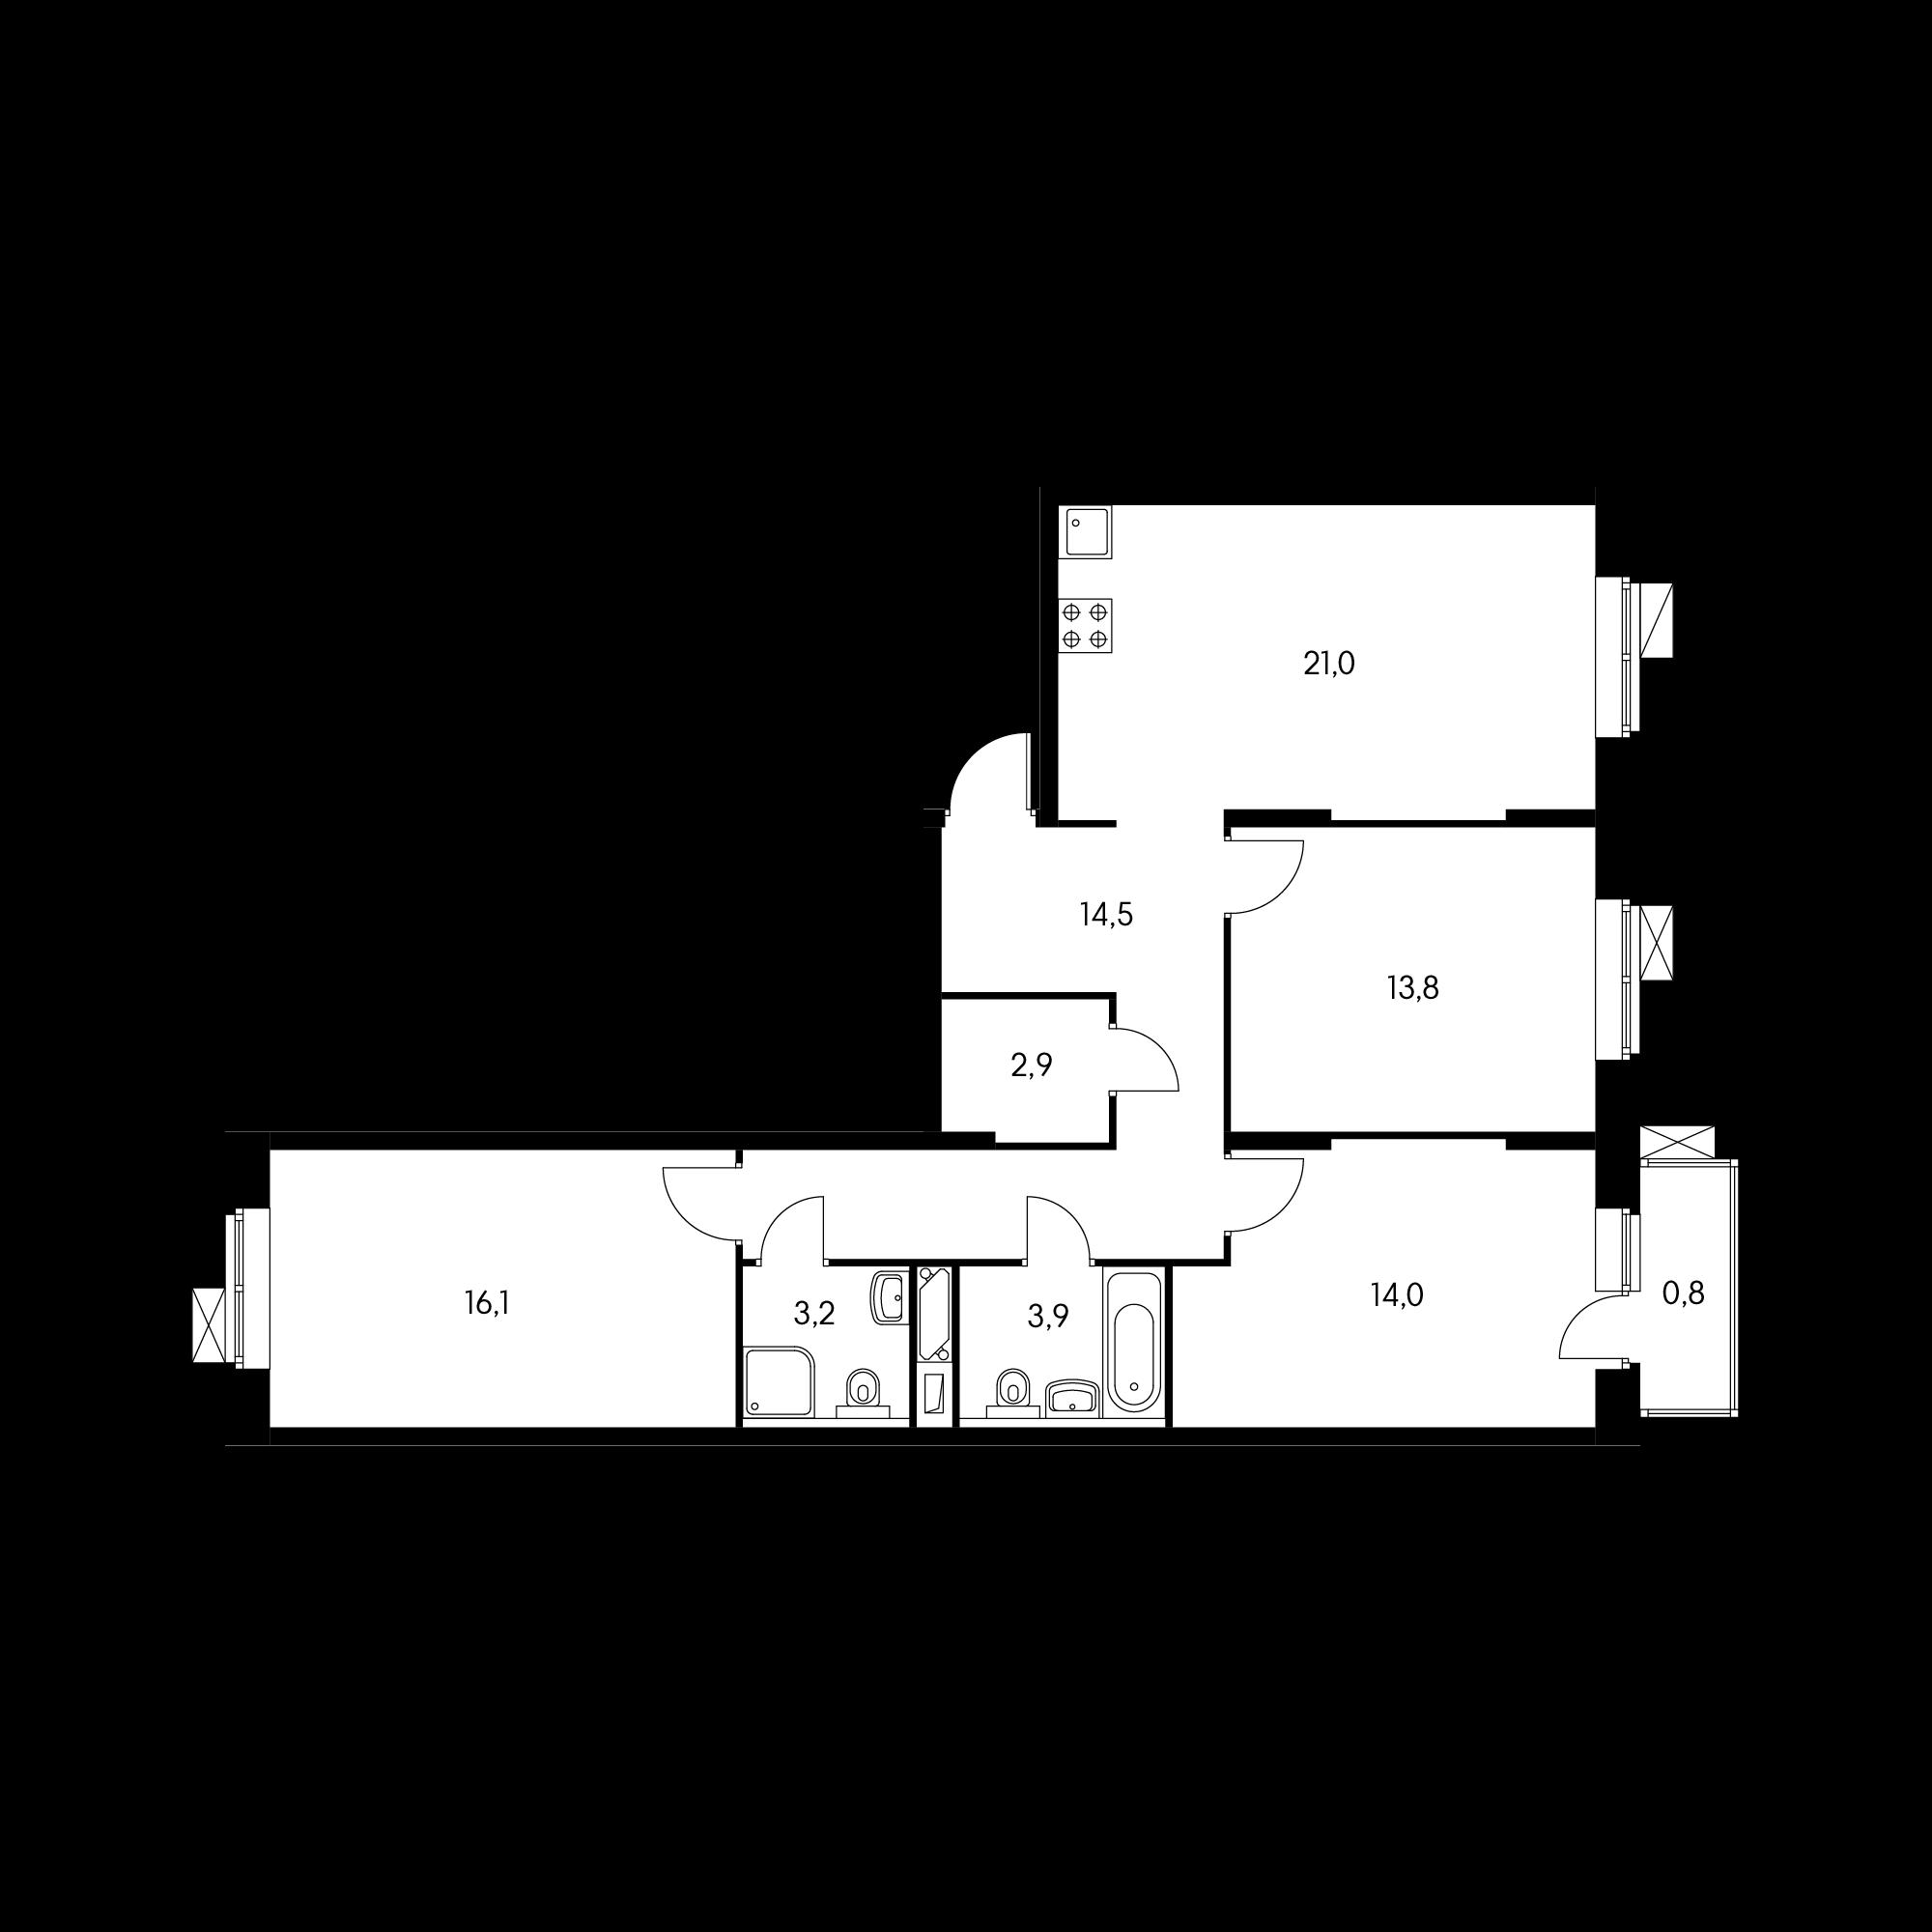 3EL3.04_B1